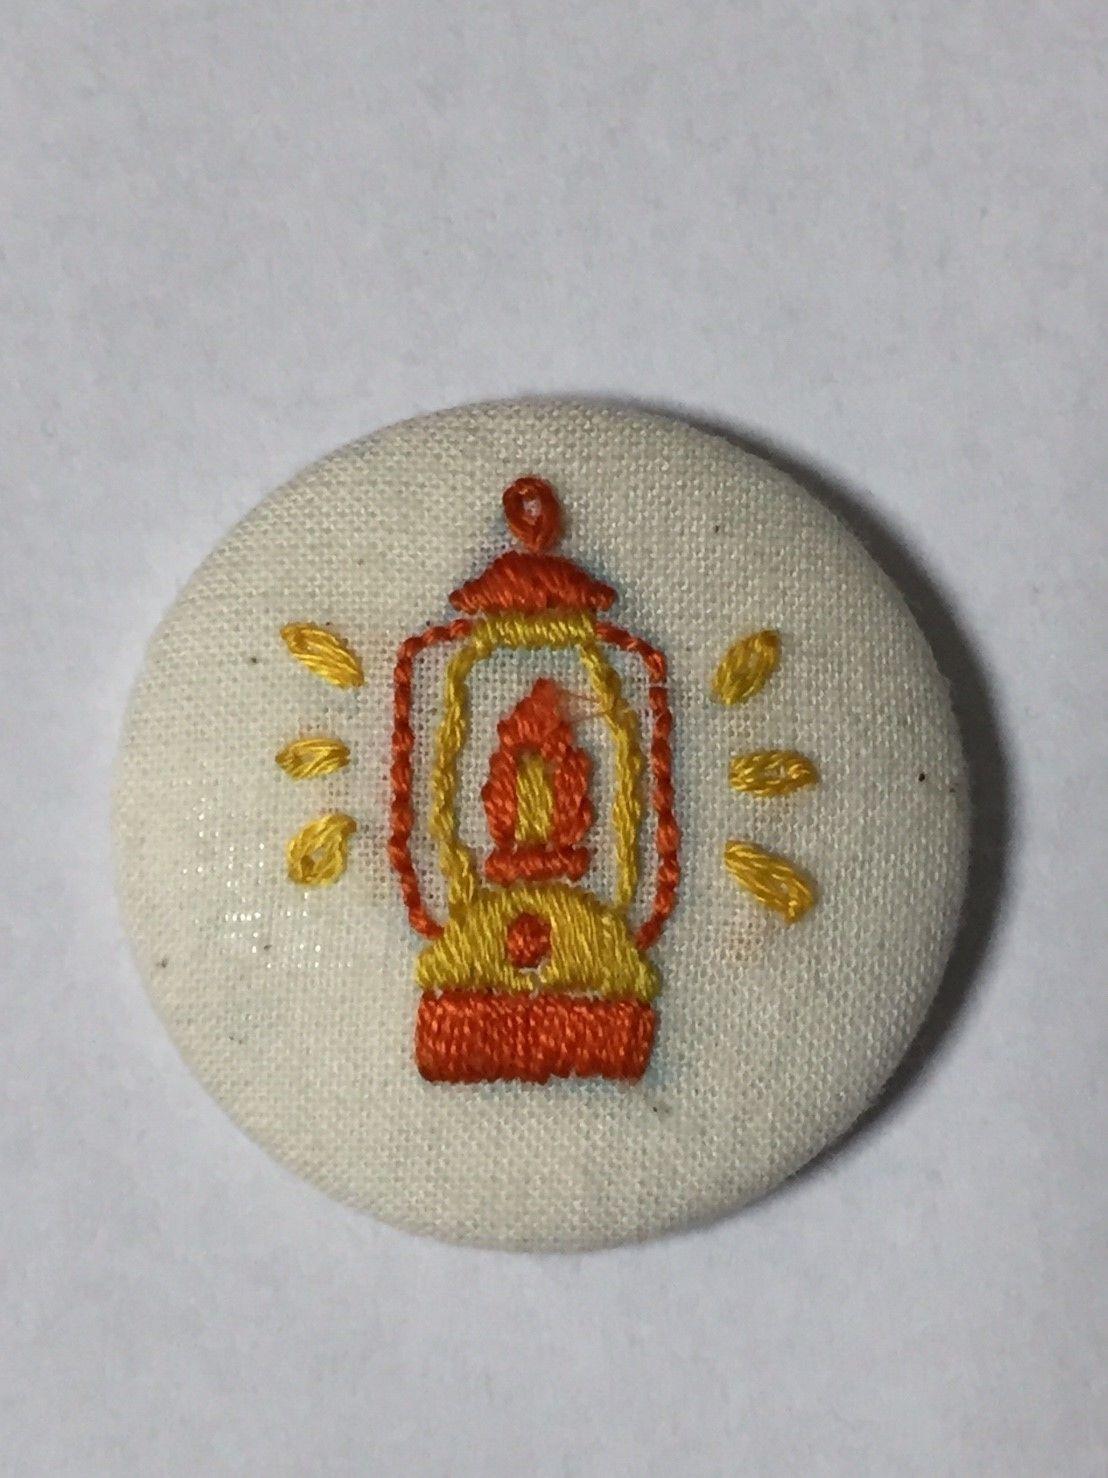 手作り刺繍ランタンのバッジ(オレンジ・イエロー)No.016